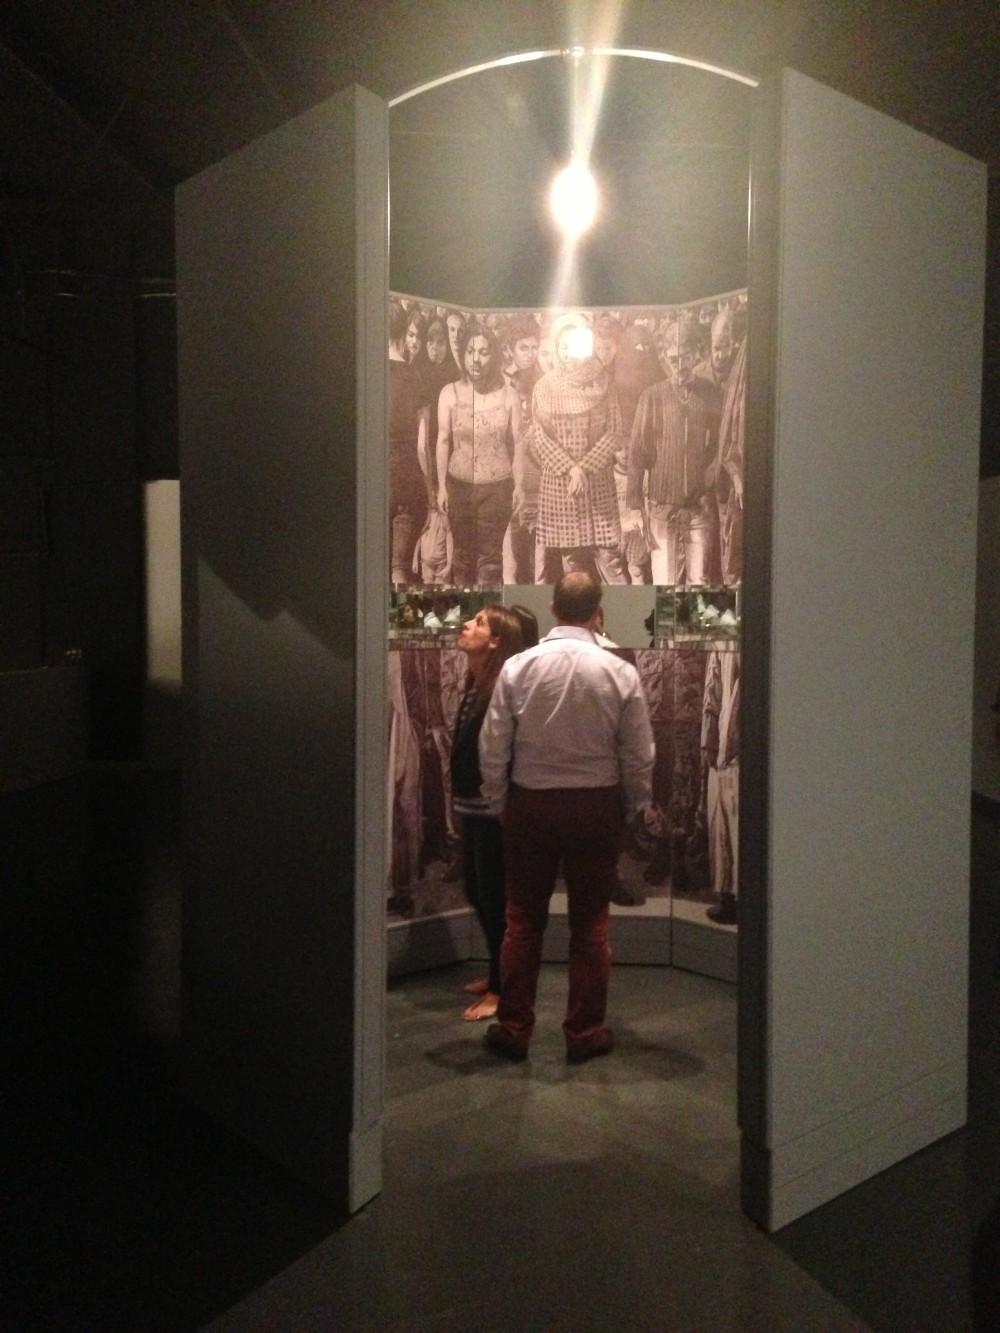 Ahmad Morshedloo installation